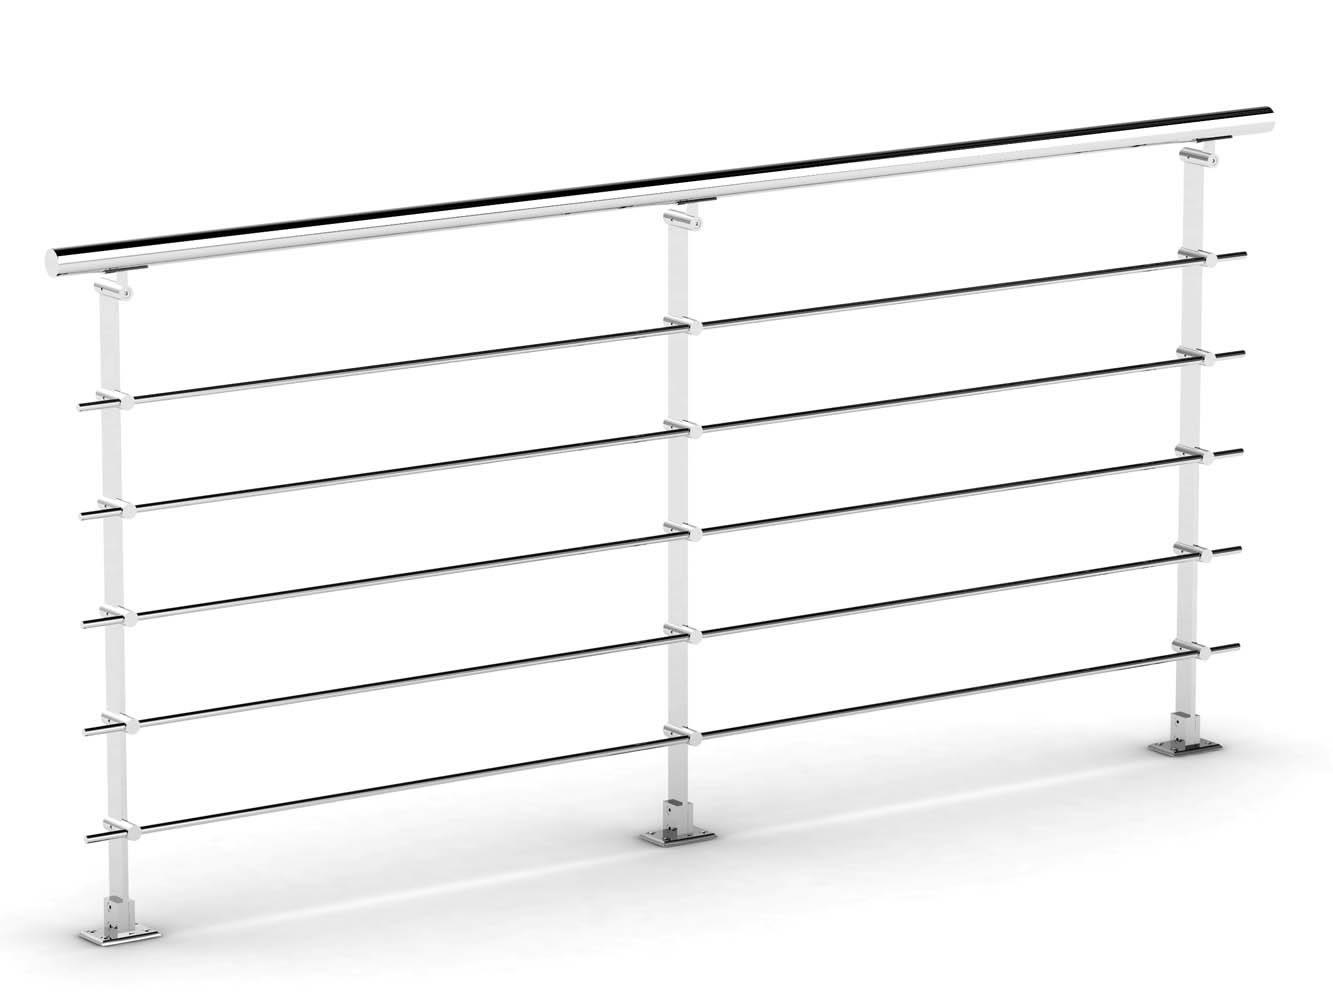 Euro chafer barandillas y accesorios de acero inoxidable - Accesorios de acero inoxidable para barandillas ...